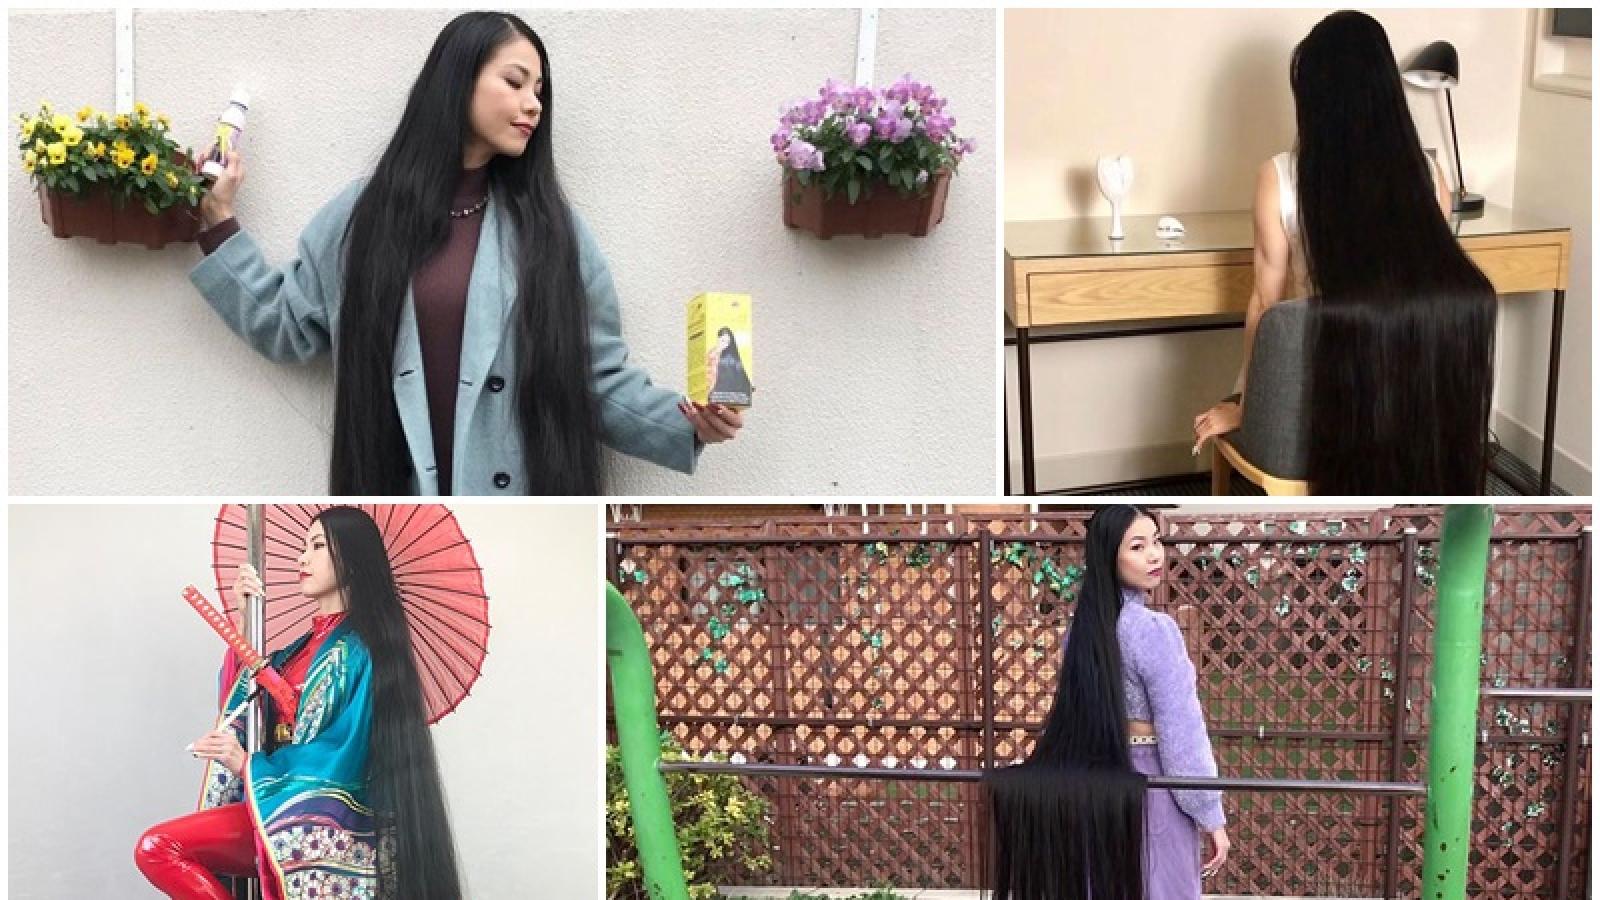 Ấn tượng với mái tóc dài thướt tha của cô gái Nhật Bản